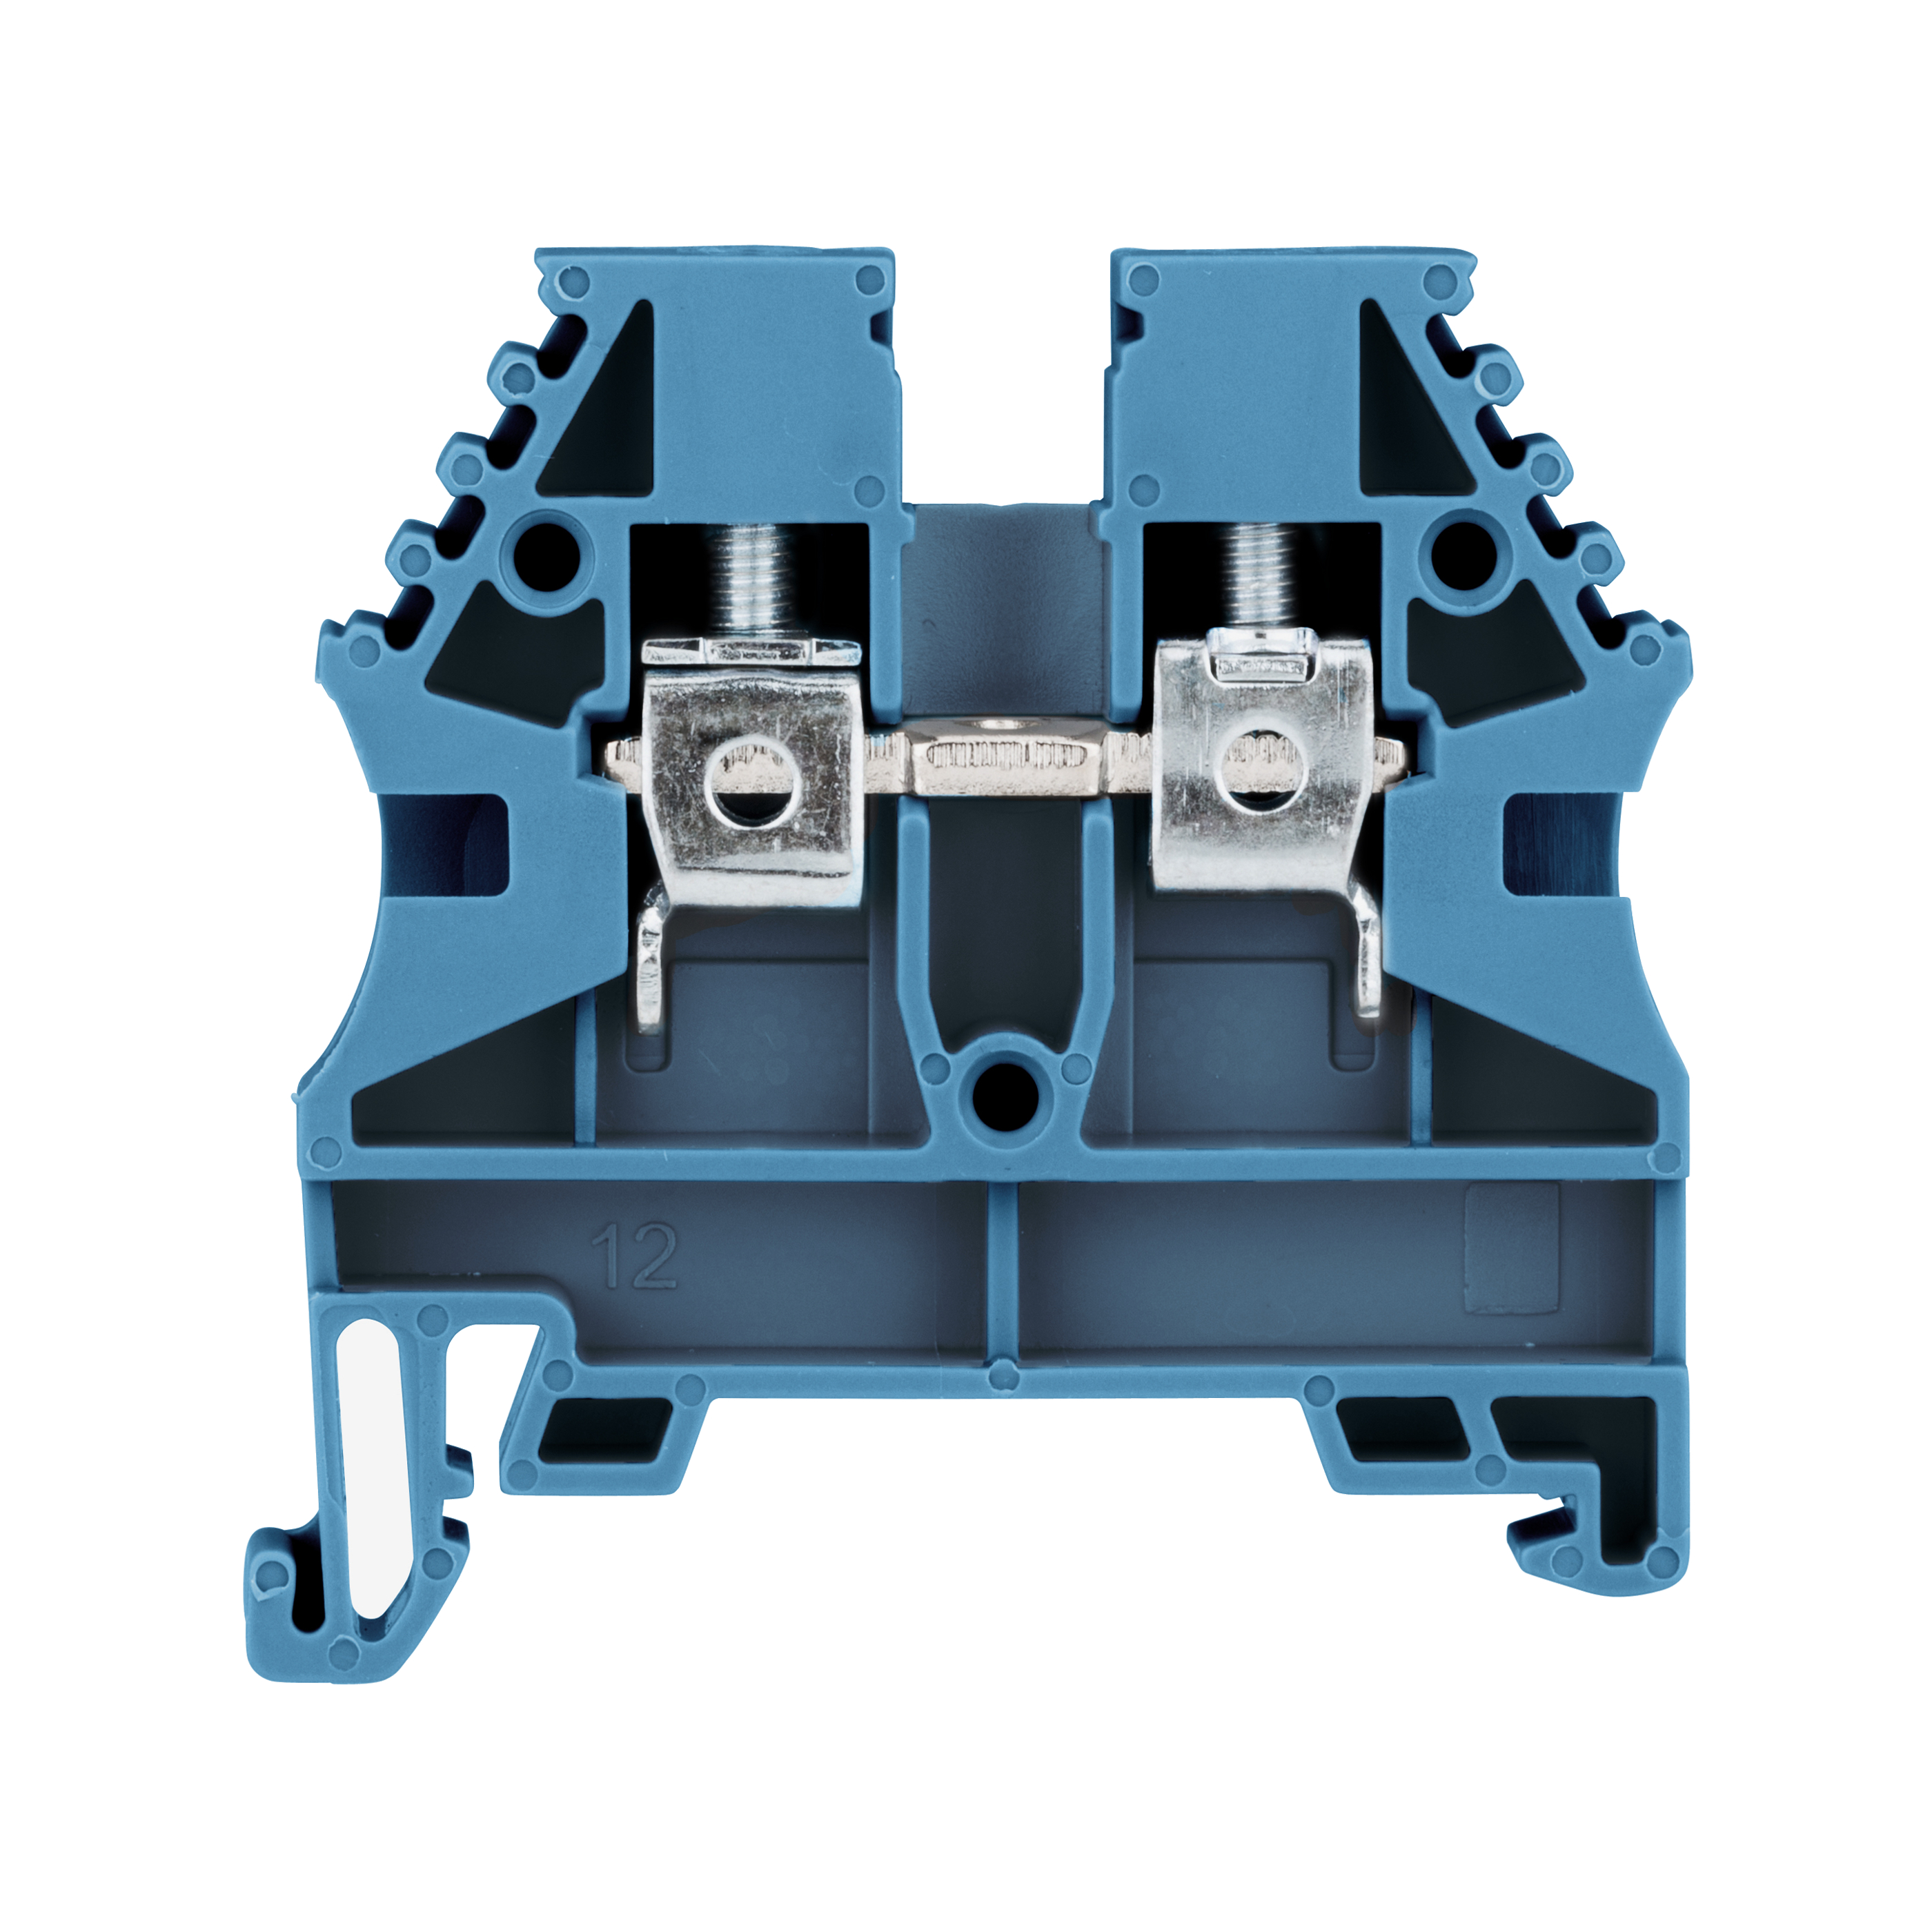 1 Stk Reihenklemme 4mm² AVK 4, blau IK601004--